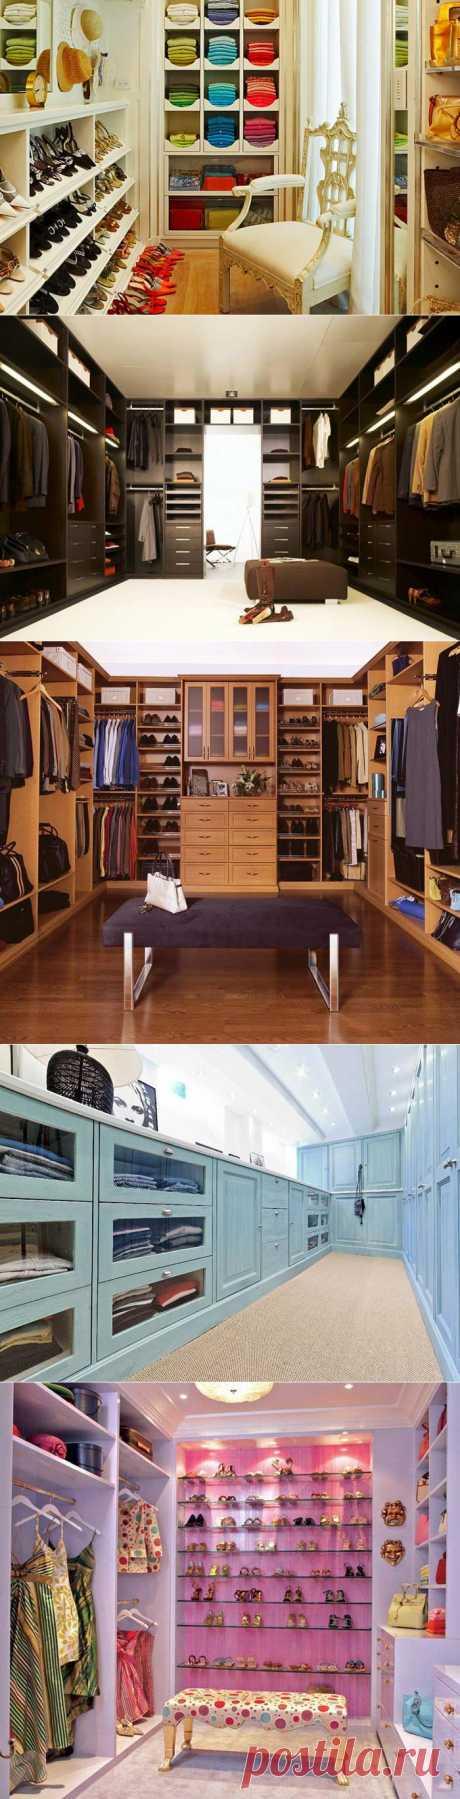 Hermoso garderobnye las habitaciones (16 fotografías que inspiran).